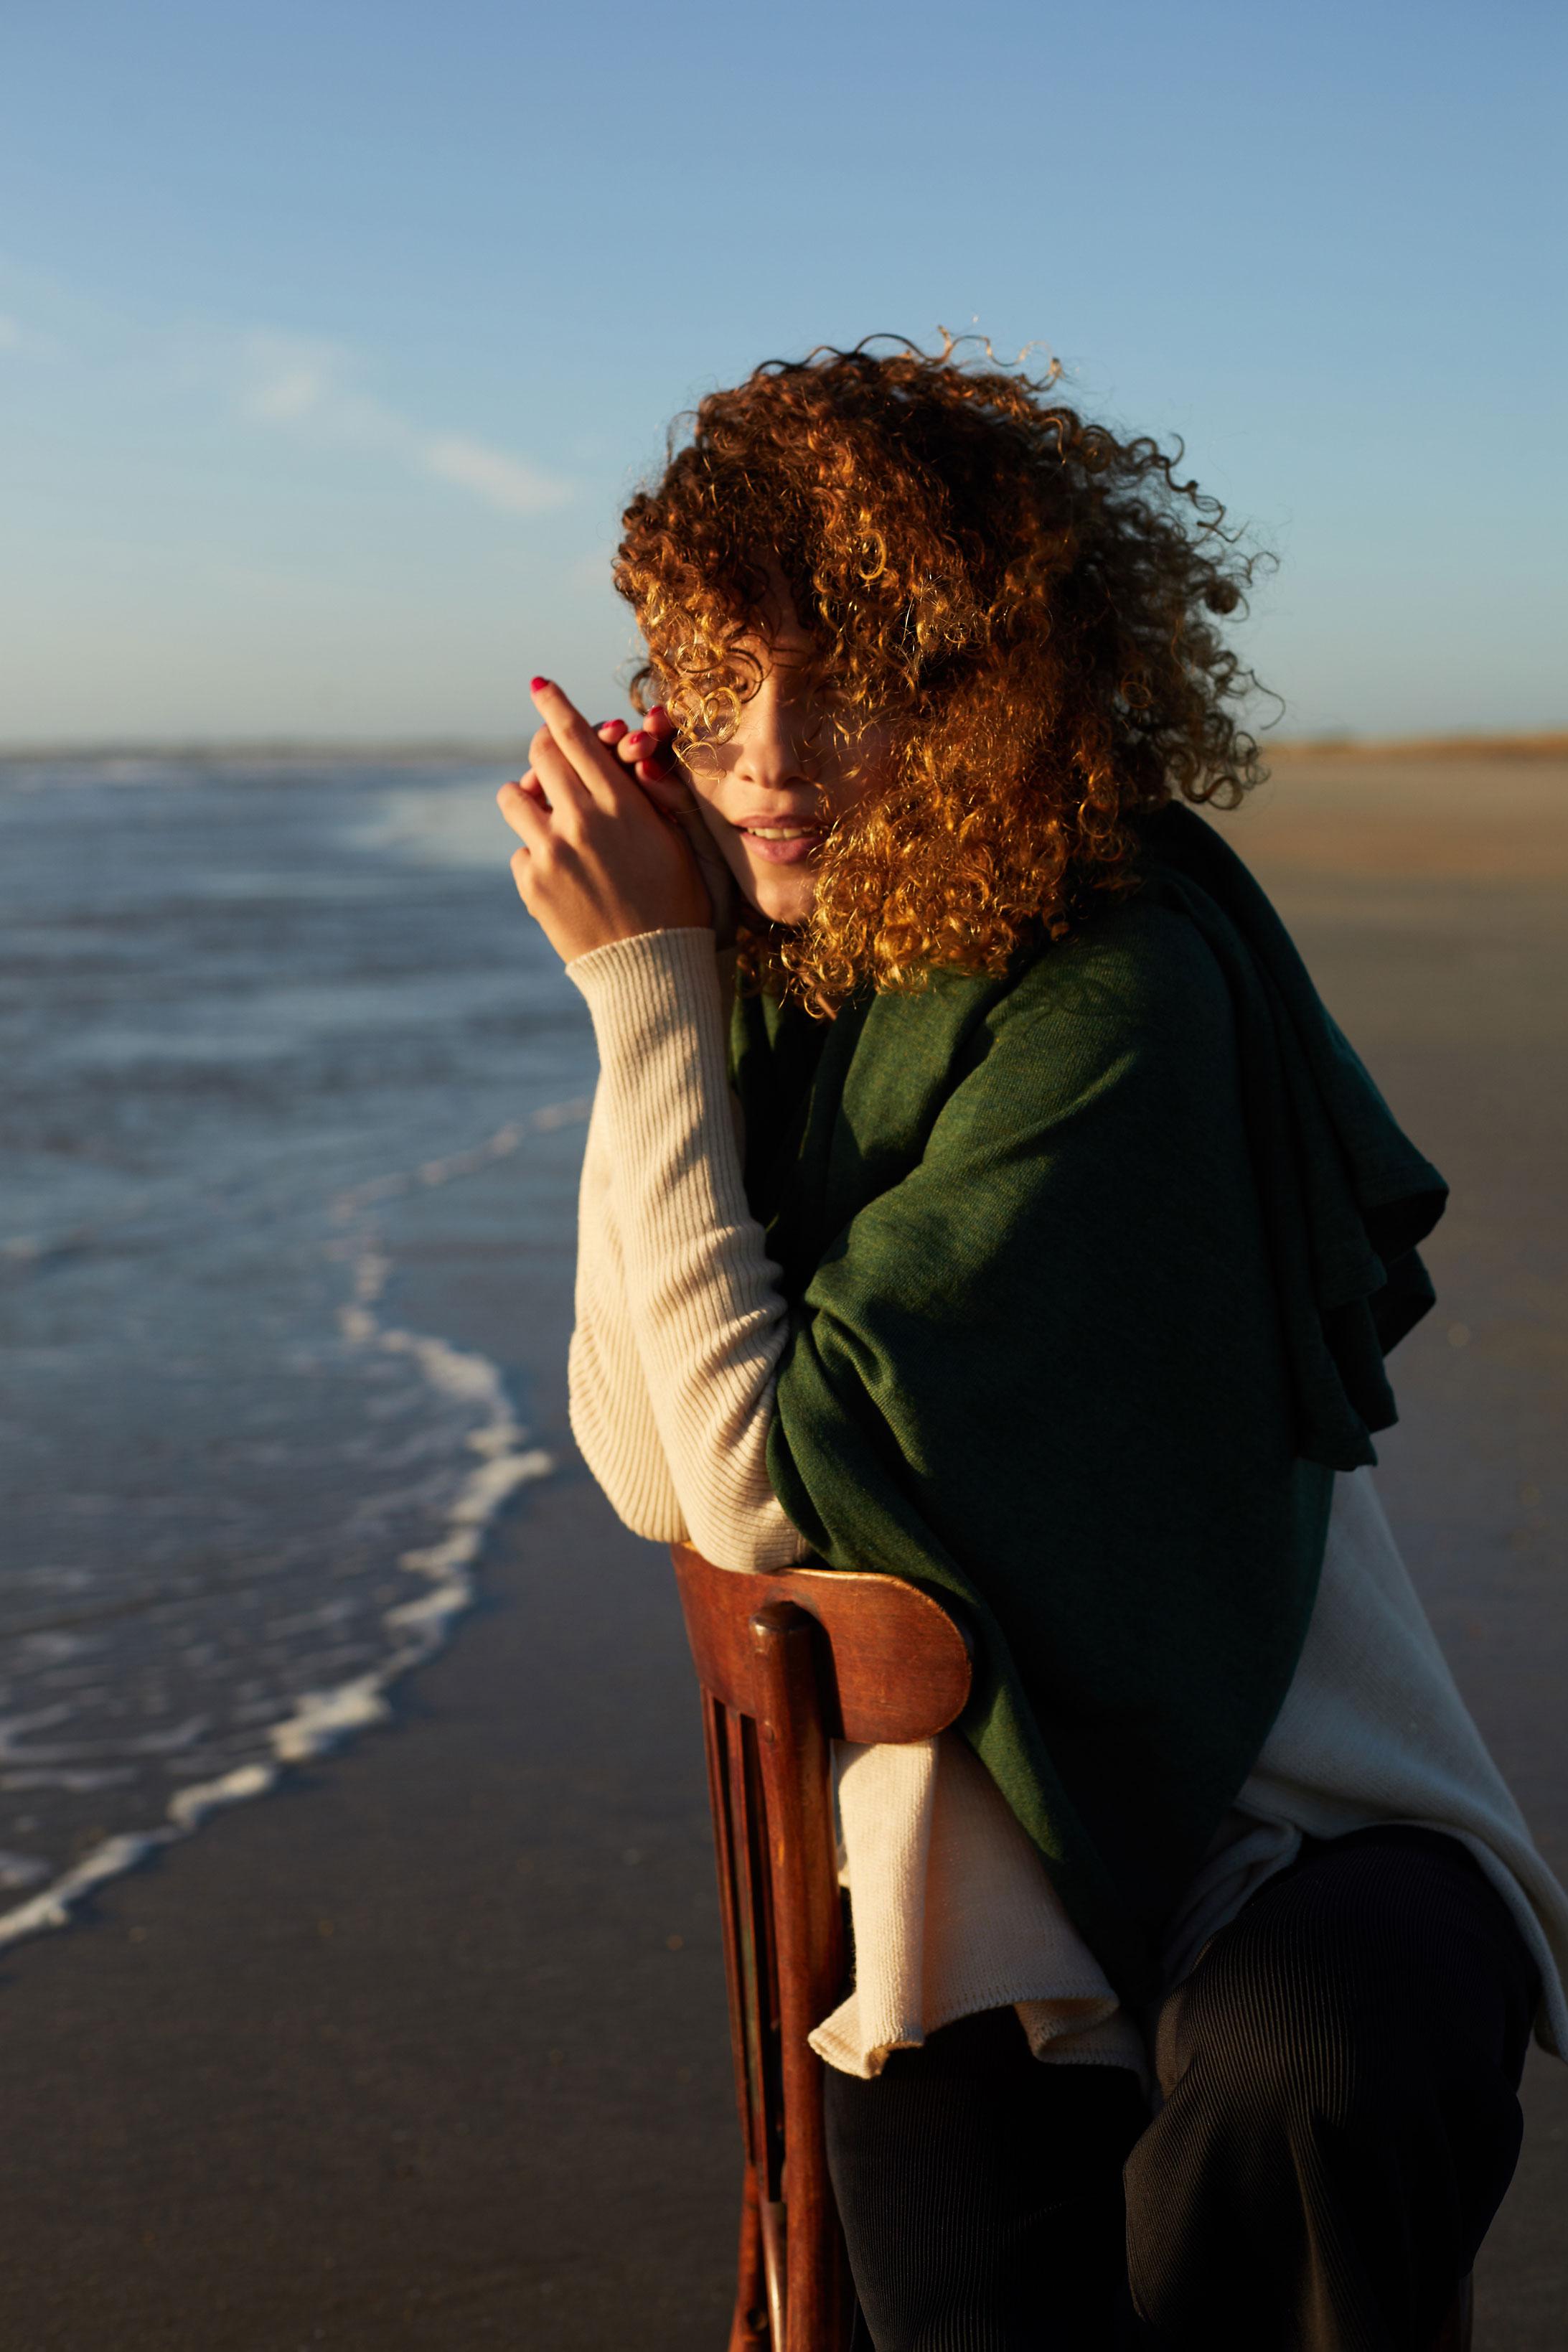 photographe lifestyle en Bretagne, seance photo mode à Quimper